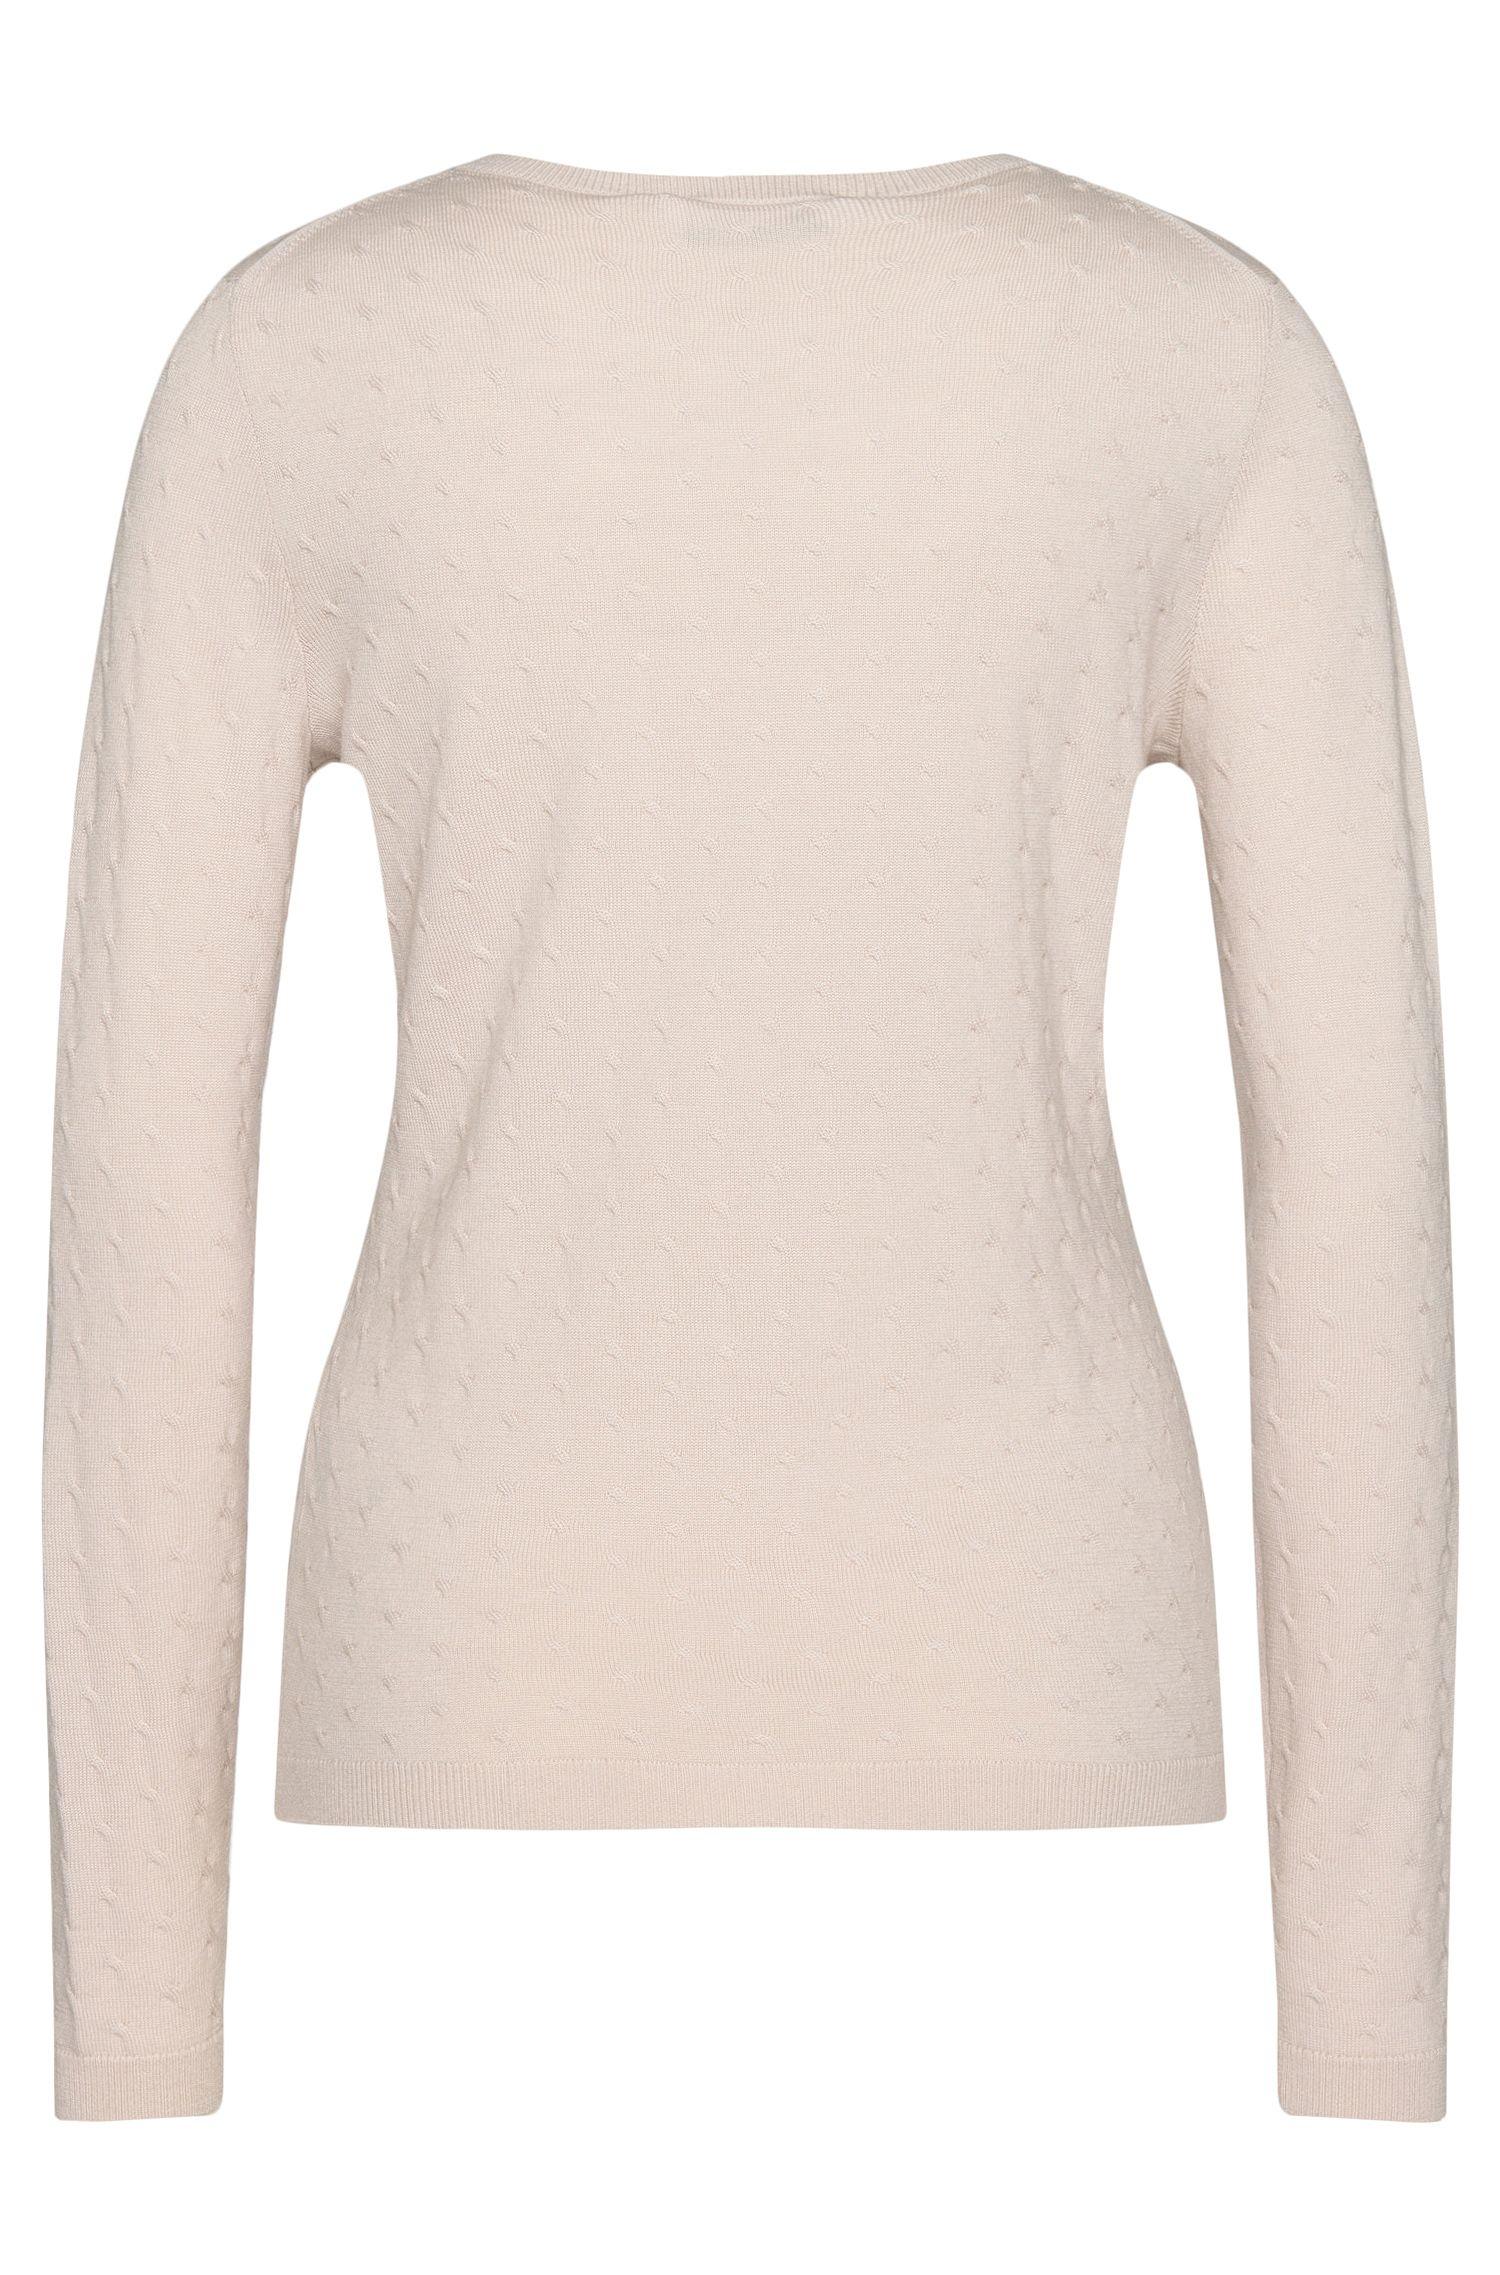 Pullover aus Schurwolle mit Zopfstrick-Muster: 'Faunia'